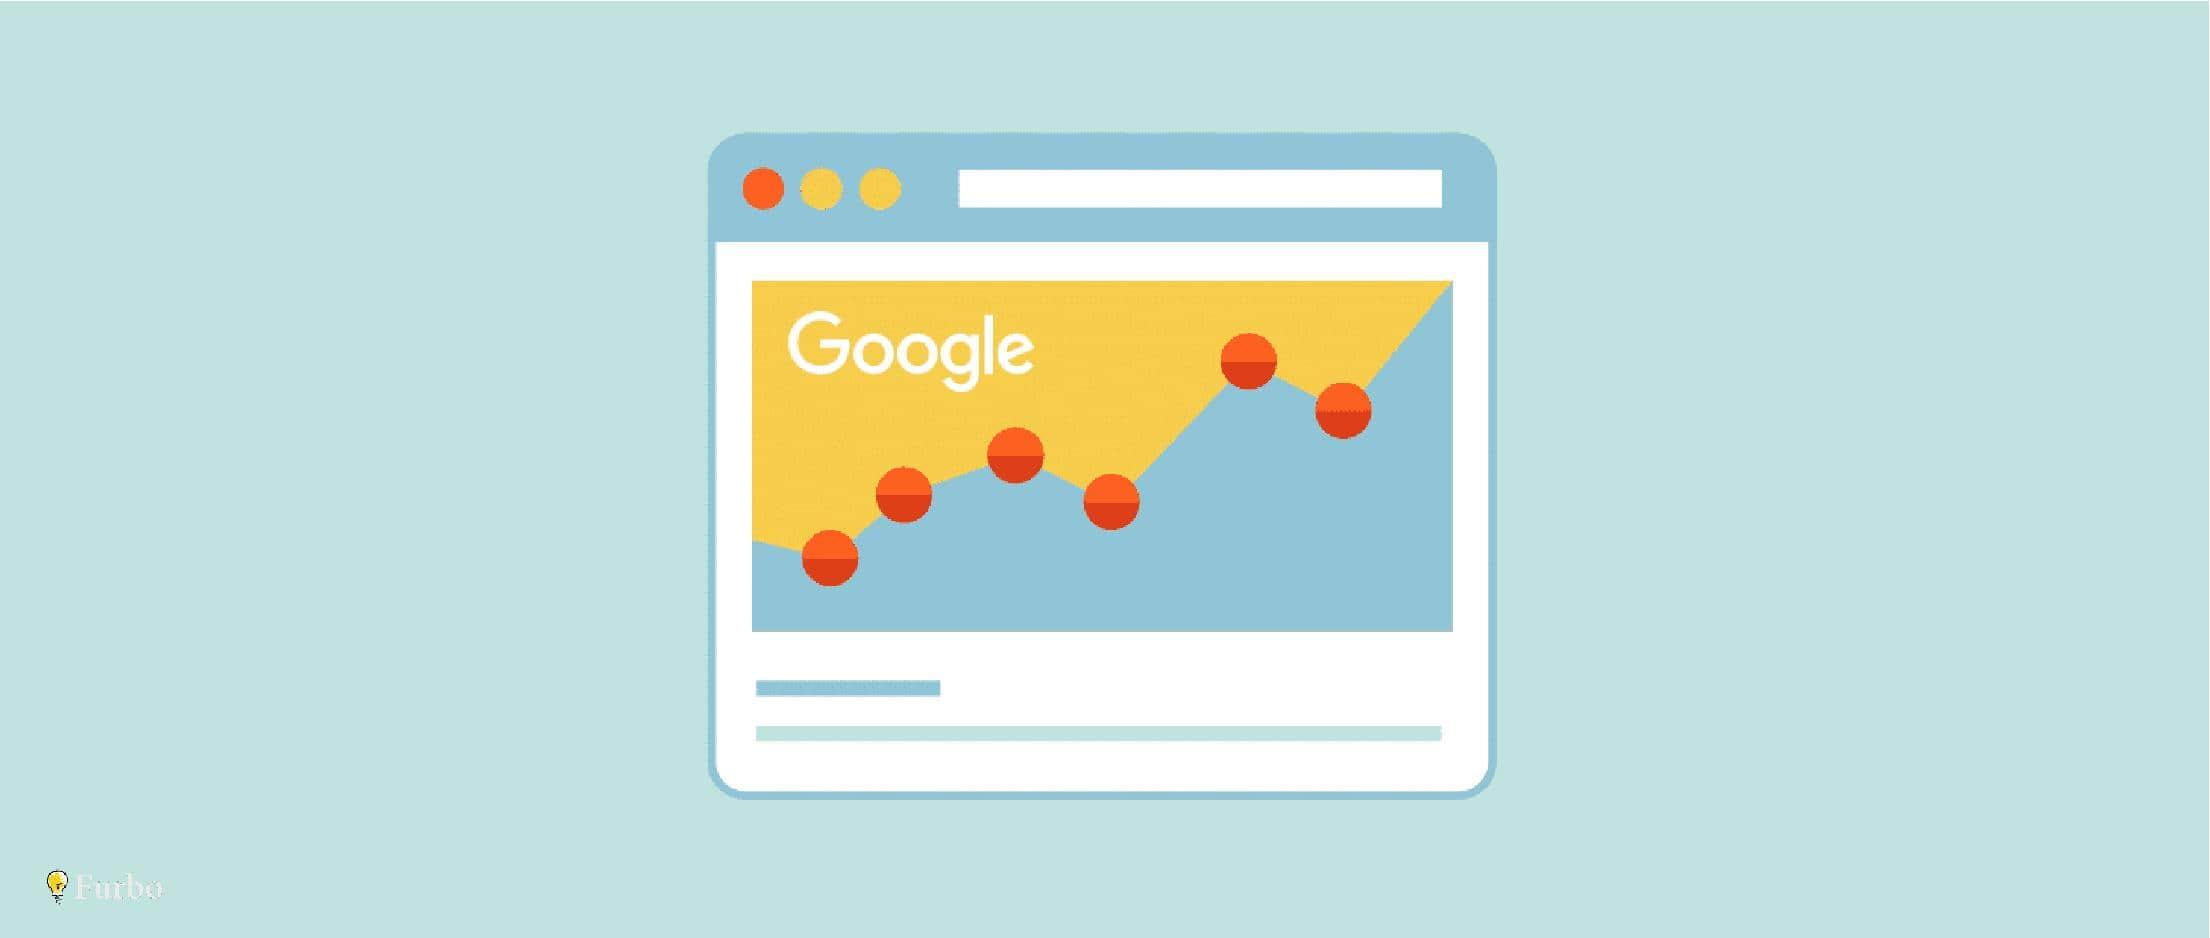 گوگل سرچ کنسول گوگل وب مستر تولز